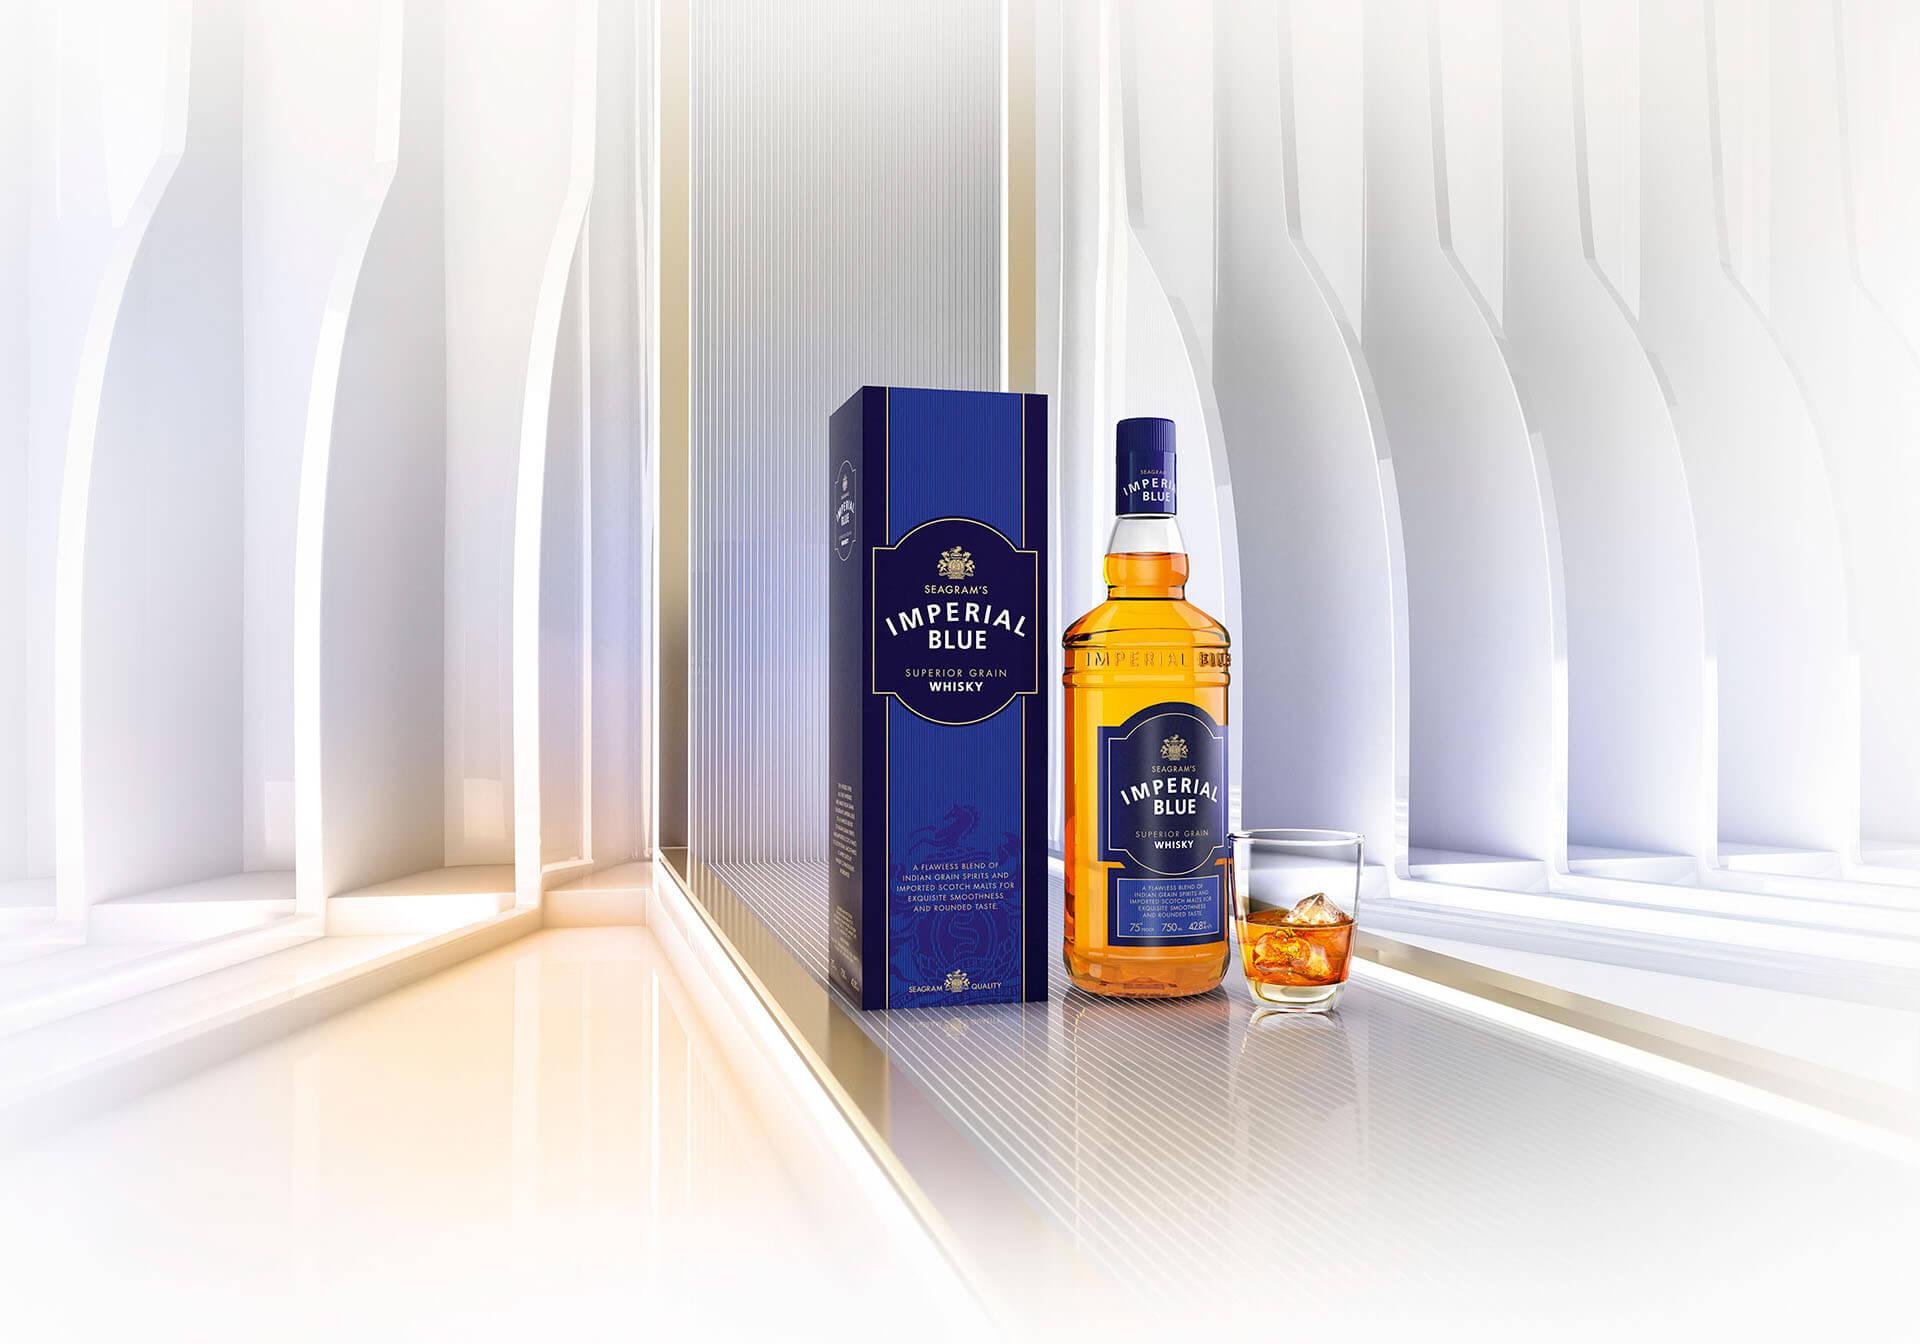 Các giải thưởng mà rượu Imperial Blue đạt được